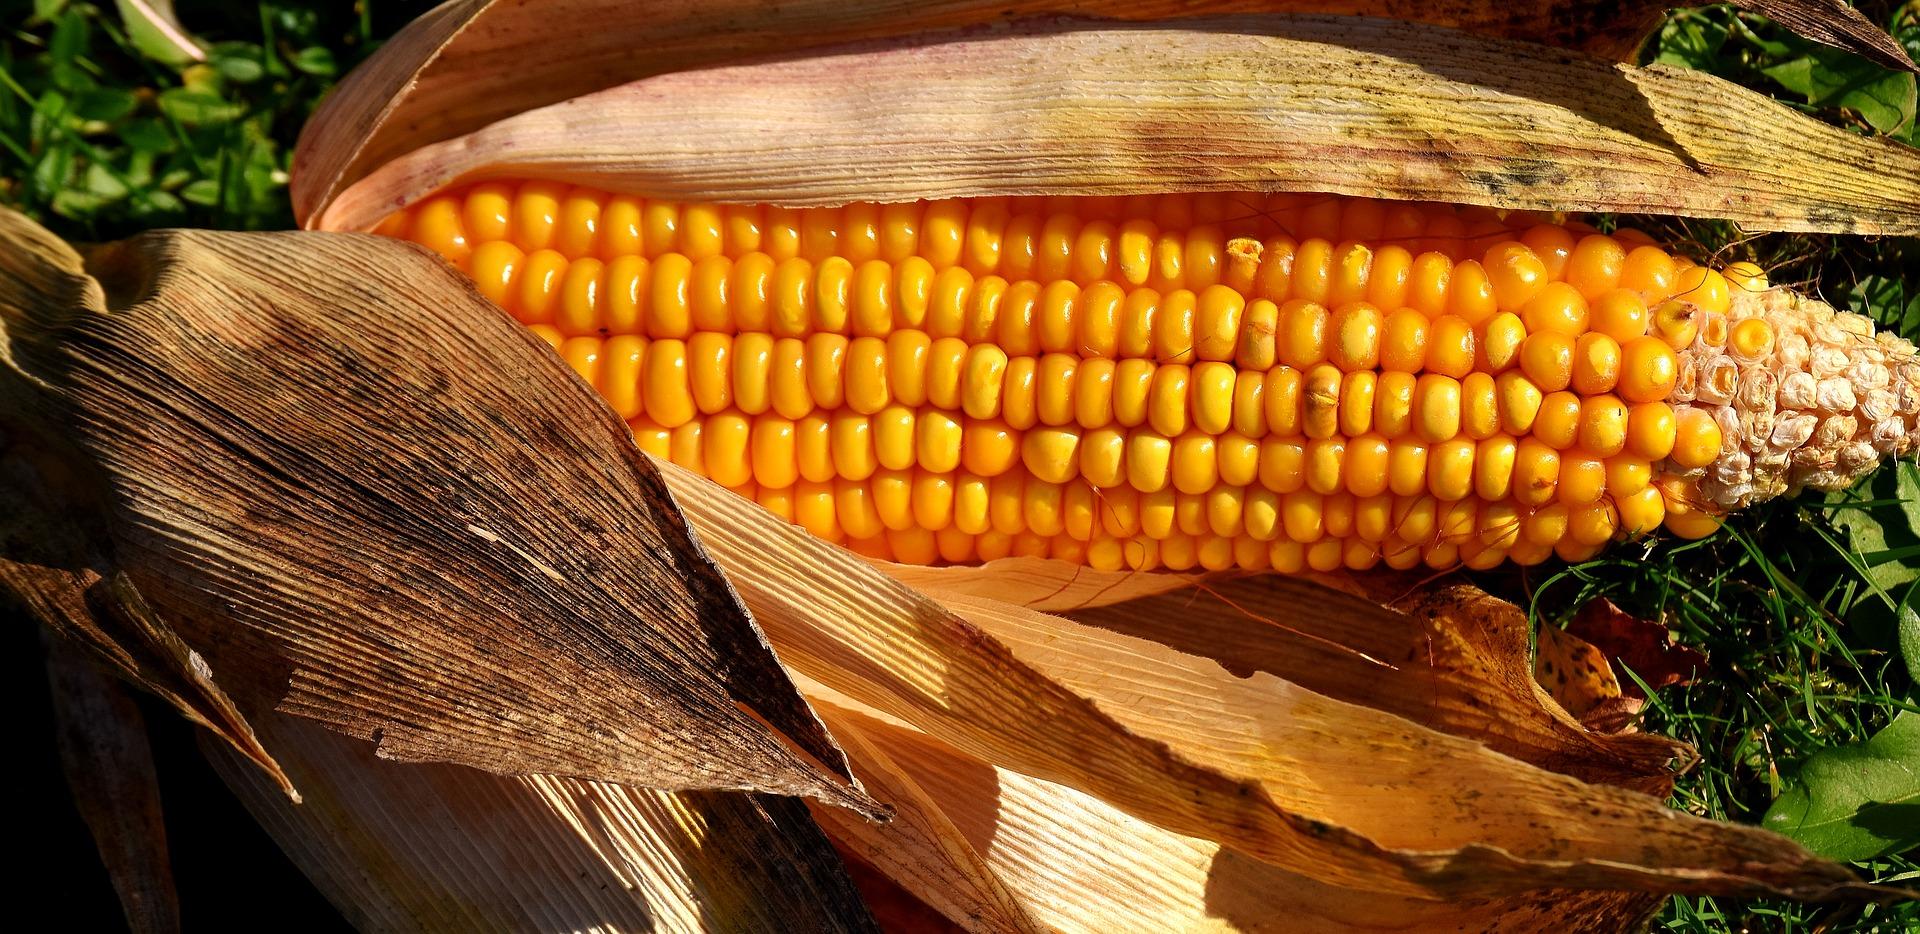 Revue des marchés du 28 Mai 2020 : Le maïs